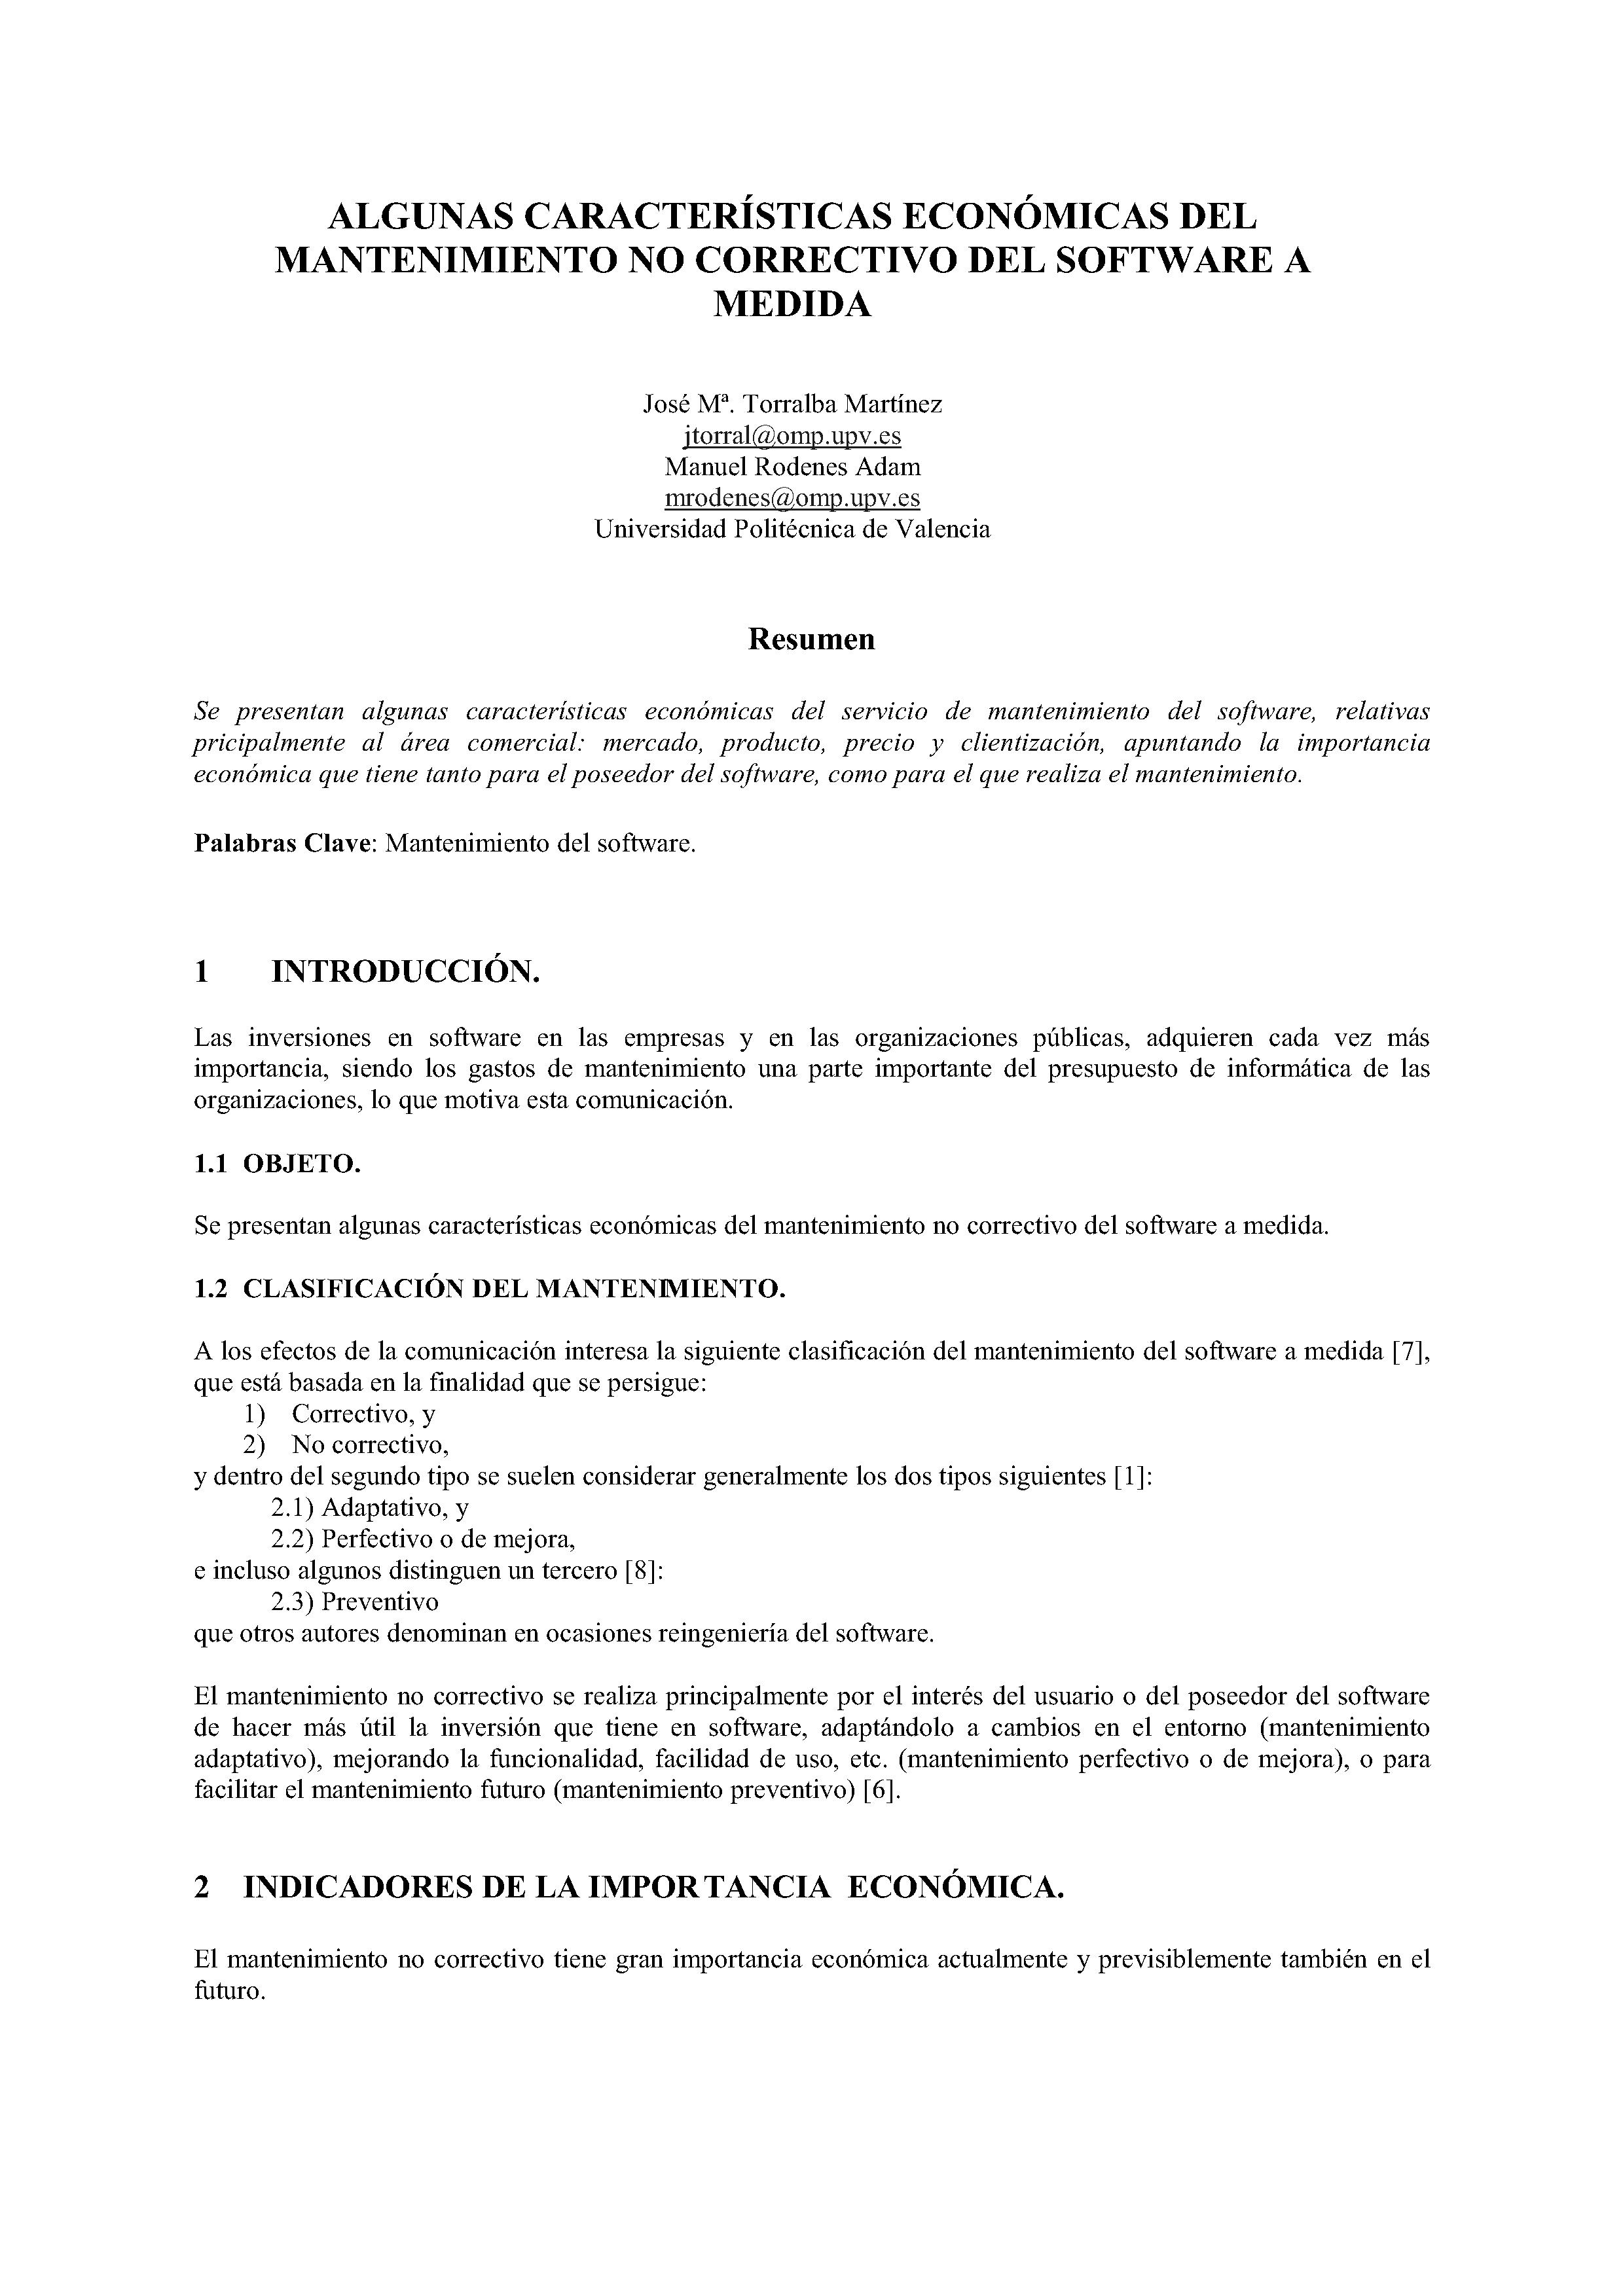 ALGUNAS CARACTERÍSTICAS ECONÓMICAS DEL MANTENIMIENTO NO CORRECTIVO DEL SOFTWARE A MEDIDA